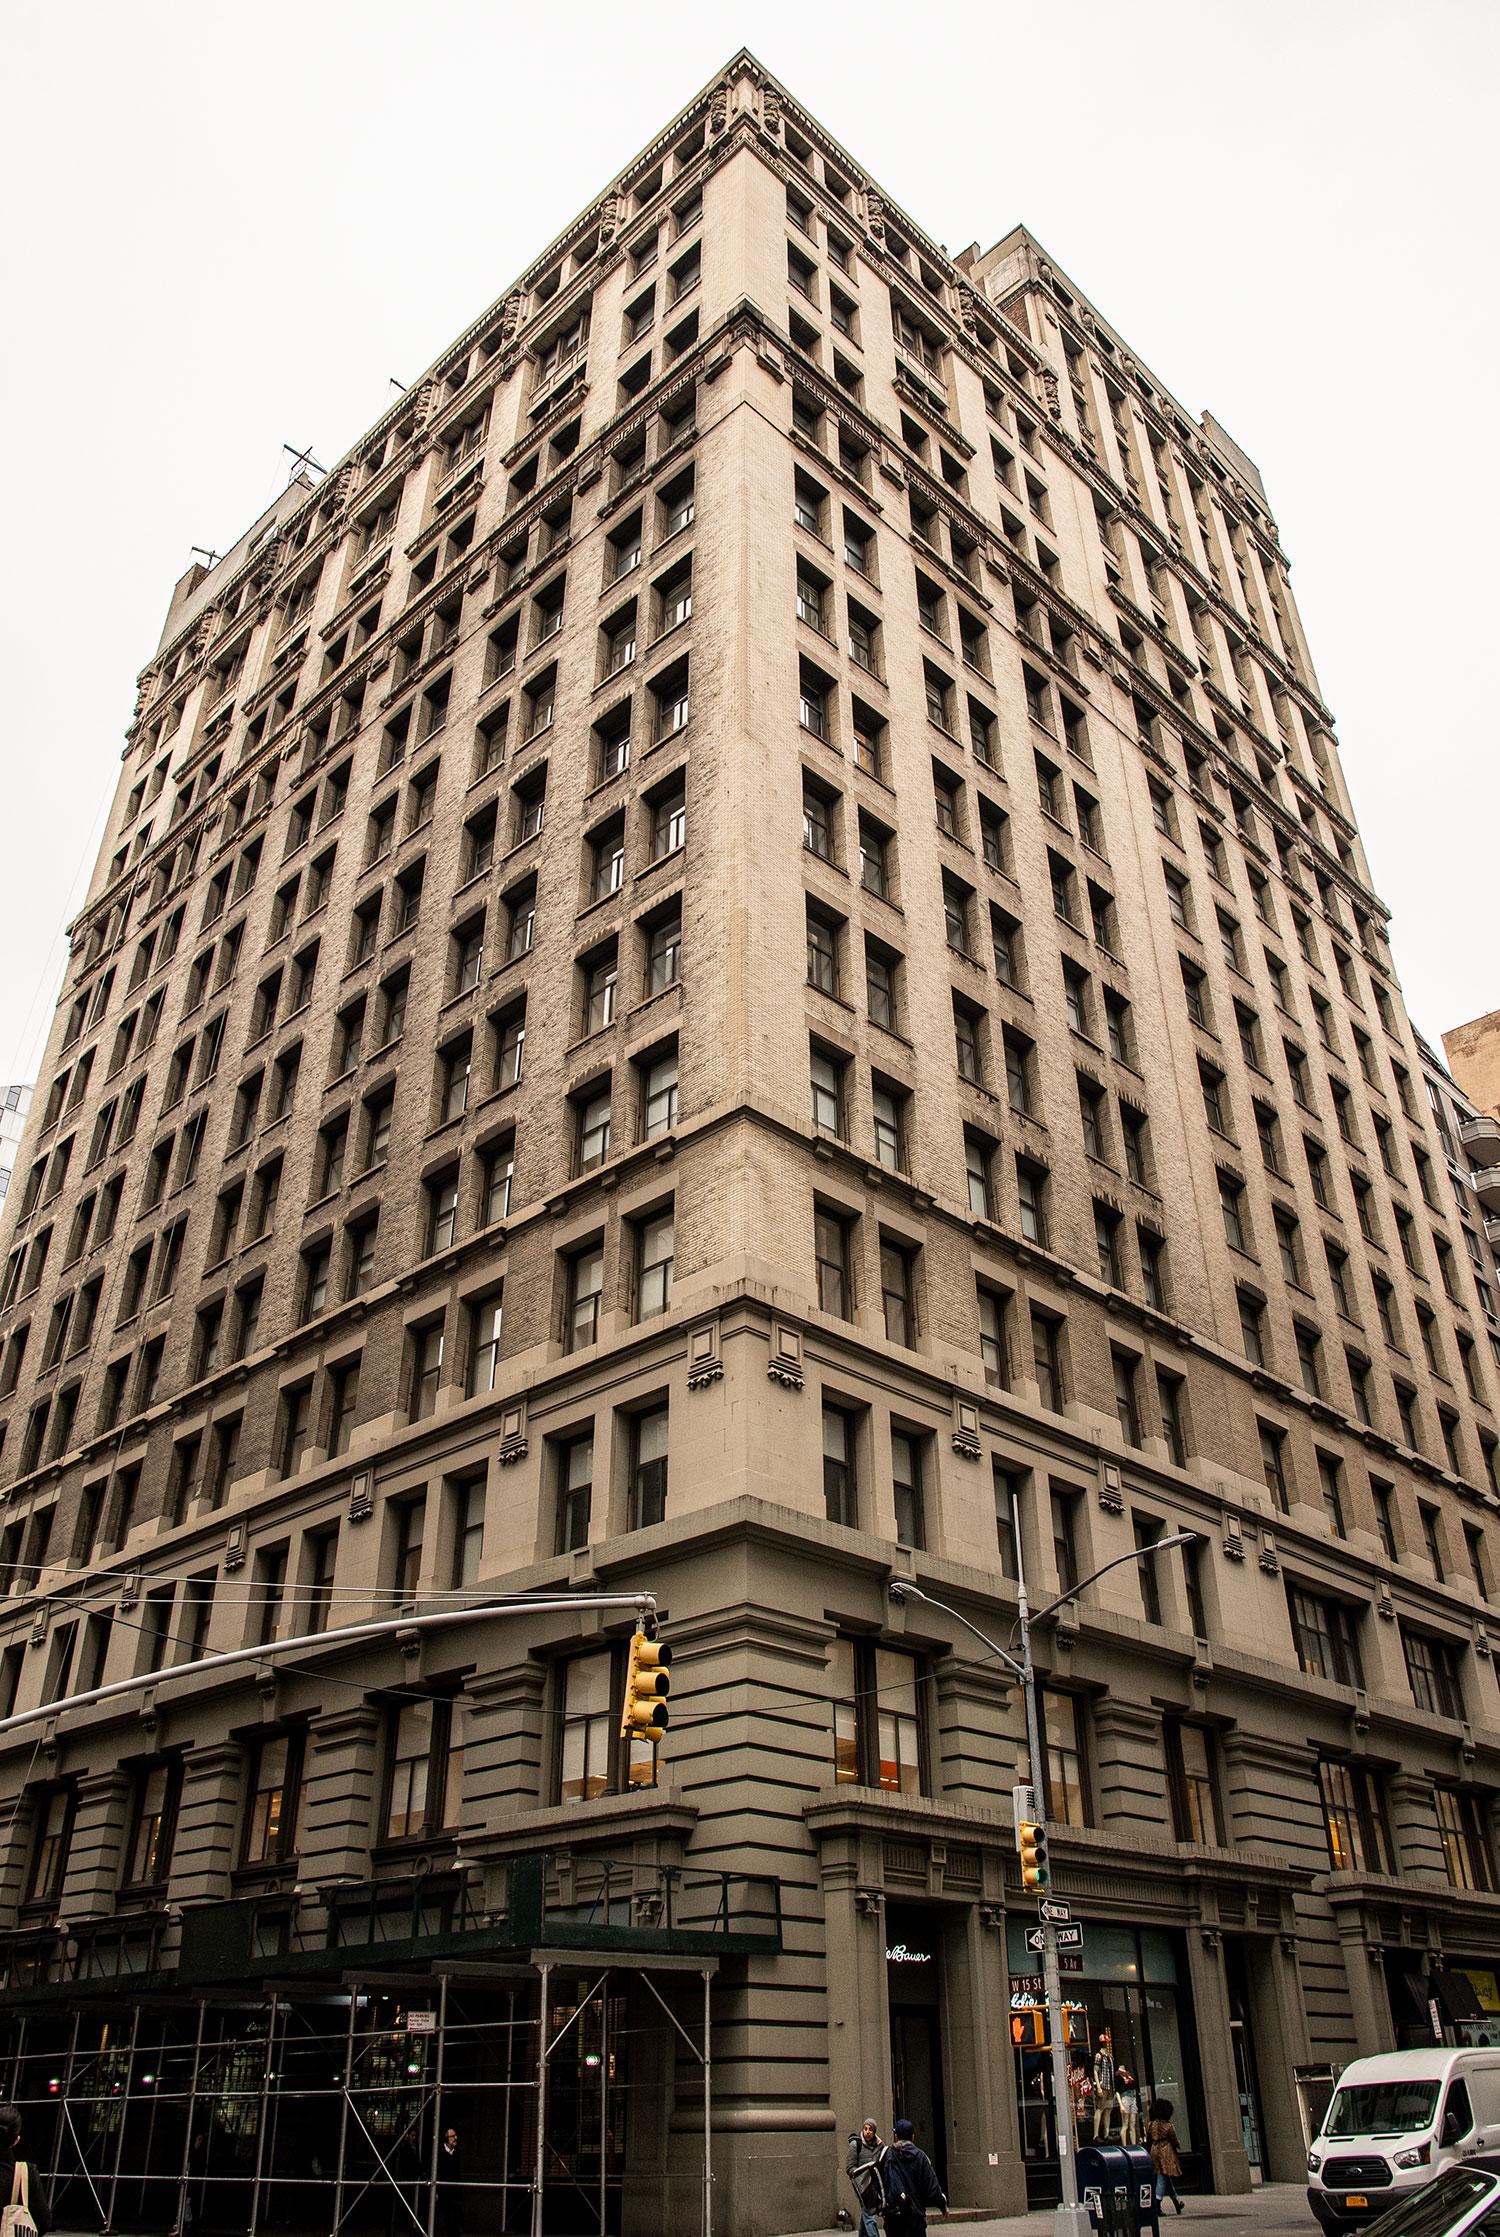 100 5th avenue -